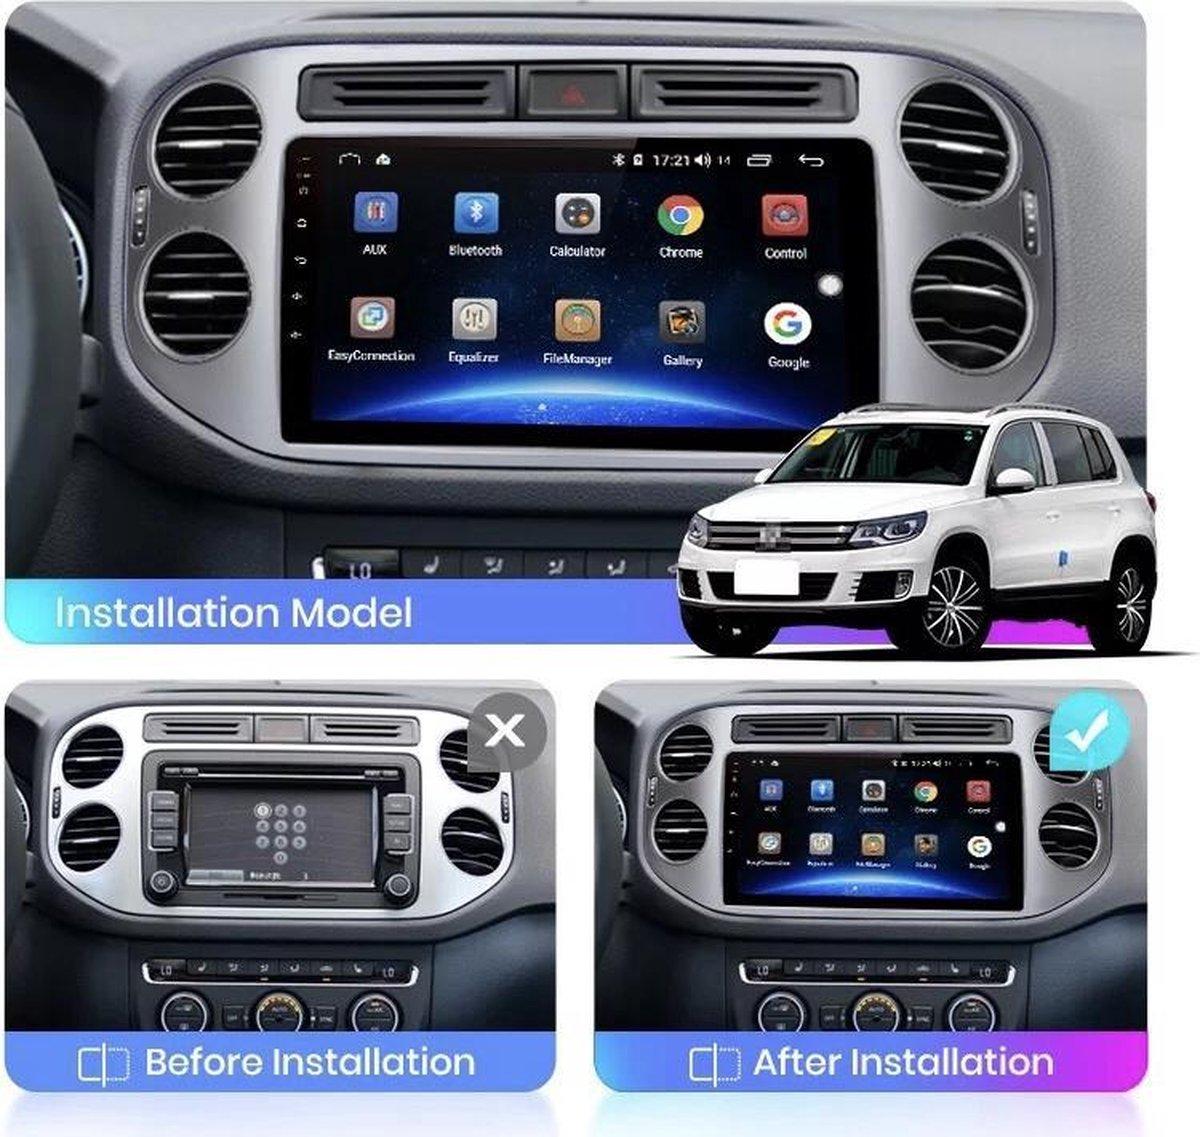 GRATIS CAMERA!!! Volkswagen Tiguan 2007-2015 Android 10 navigatie en multimediasysteem Bluetooth USB WiFi 1+16GB